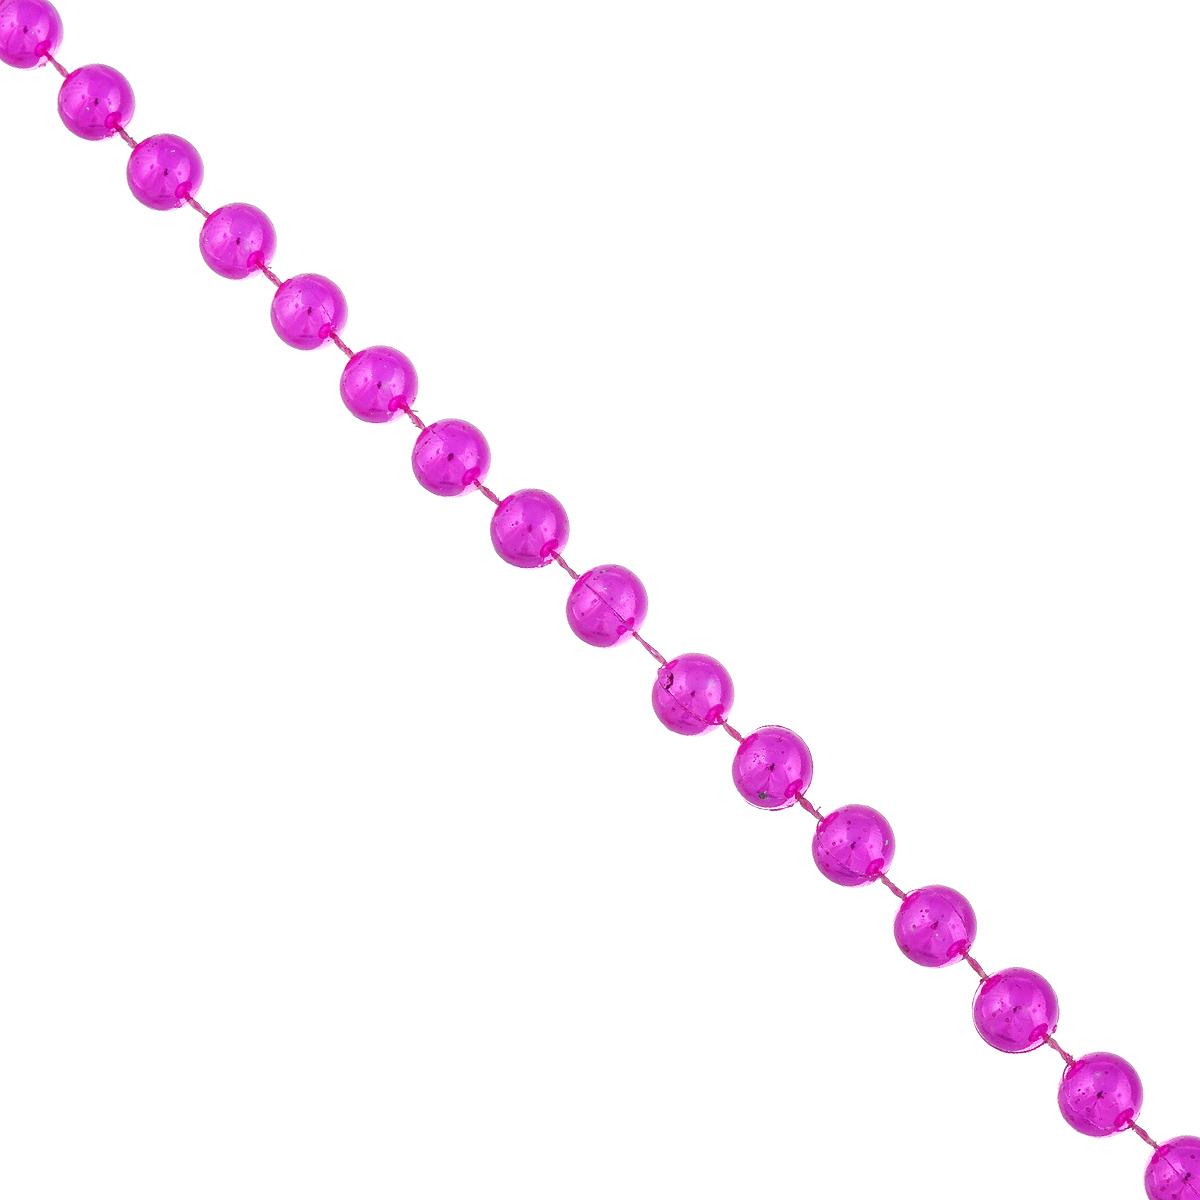 Новогоднее украшение Lunten Ranta Бусы. Крупные, цвет: фуксия, длина 2 м новогодняя гирлянда lunten ranta цвет серебристый длина 2 м 65515